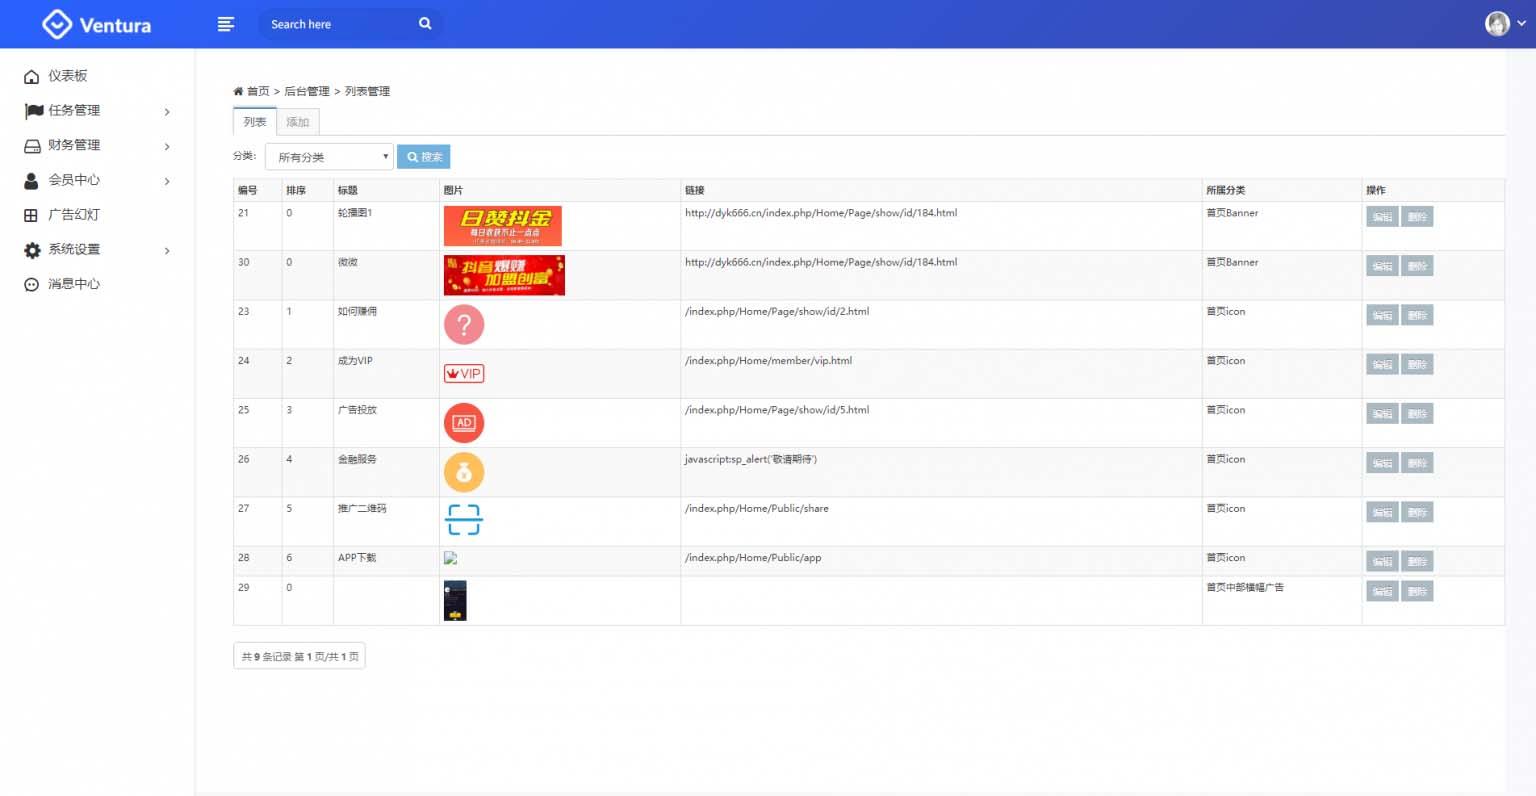 【抖音客】新版UI短视频点赞任务平台系统完美运营级别[等级功能+信誉积分+保证金]插图4